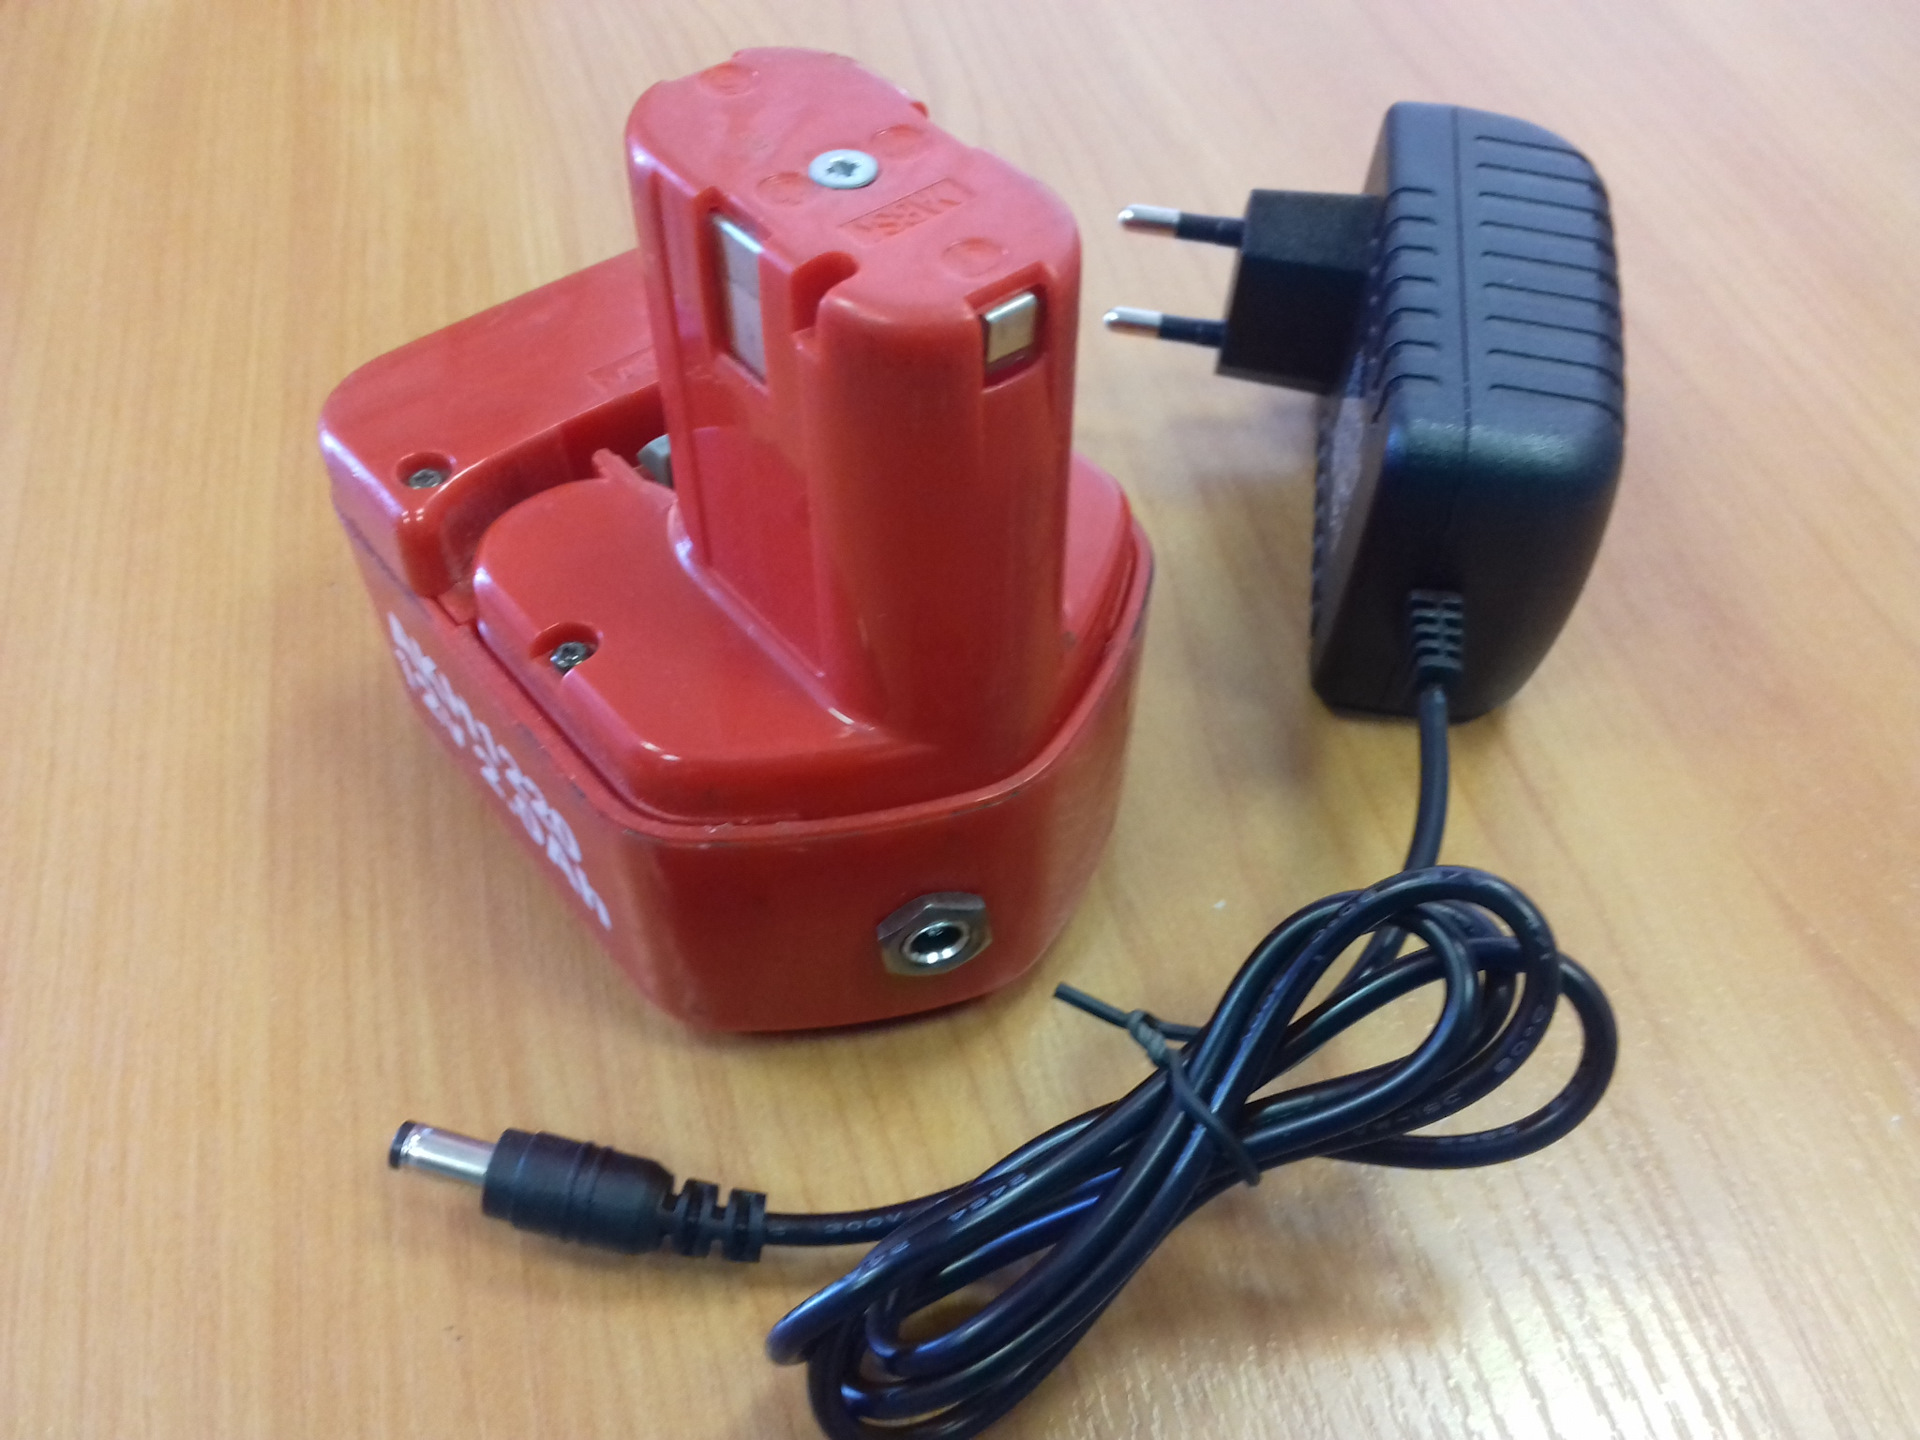 Аккумулятор 18650: как заряжать и каким током